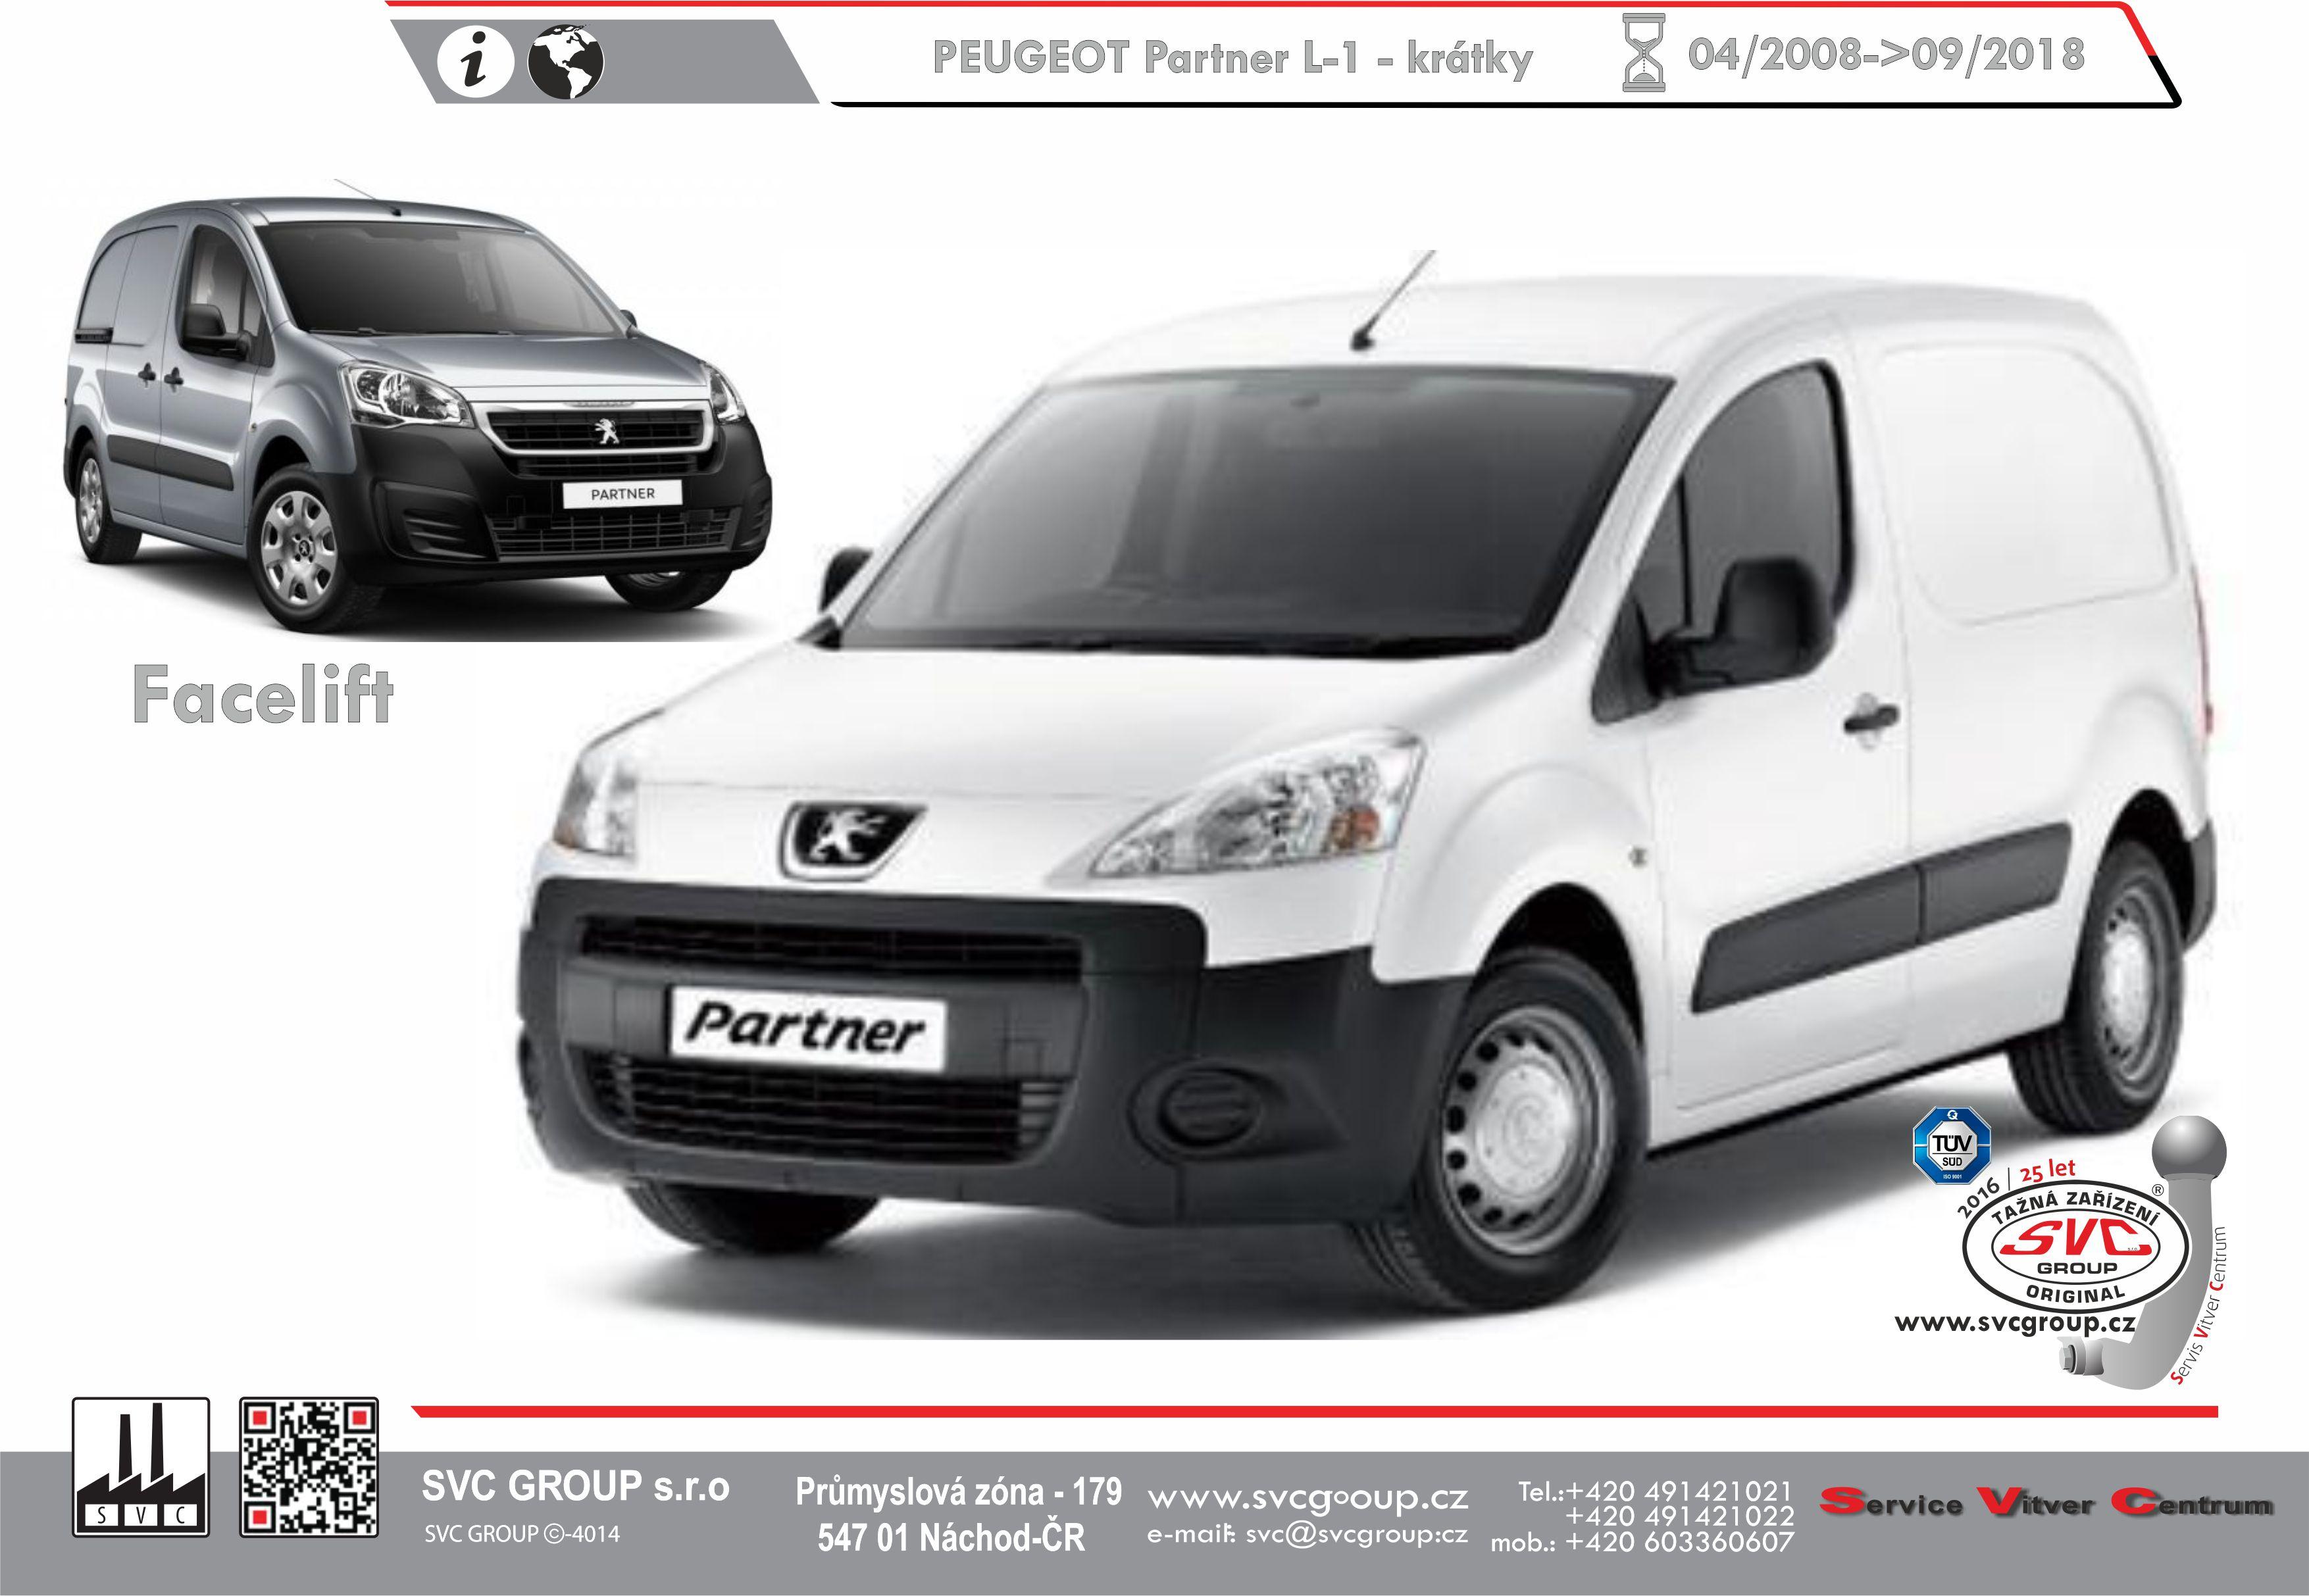 Peugeot Partner Standardní L1